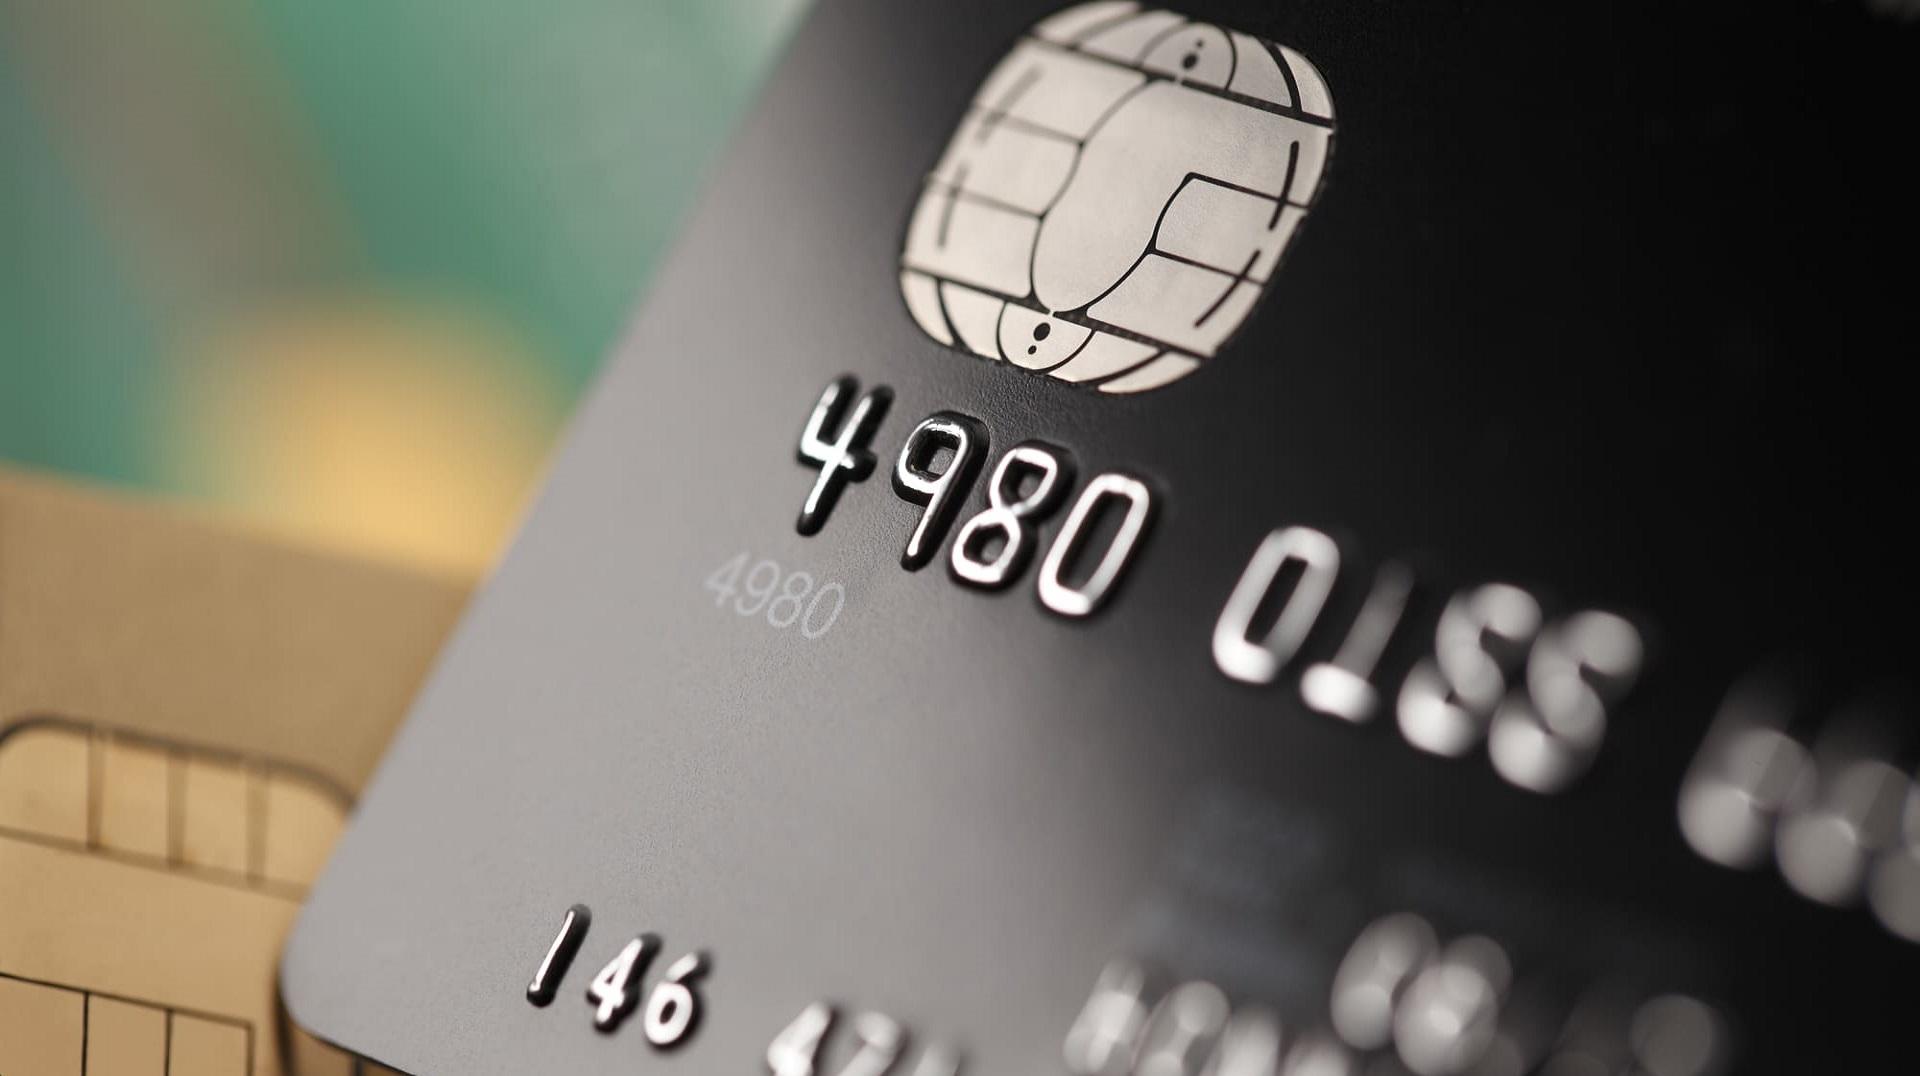 【比較】ブラックカードおすすめランキング 所有する条件や特典は?